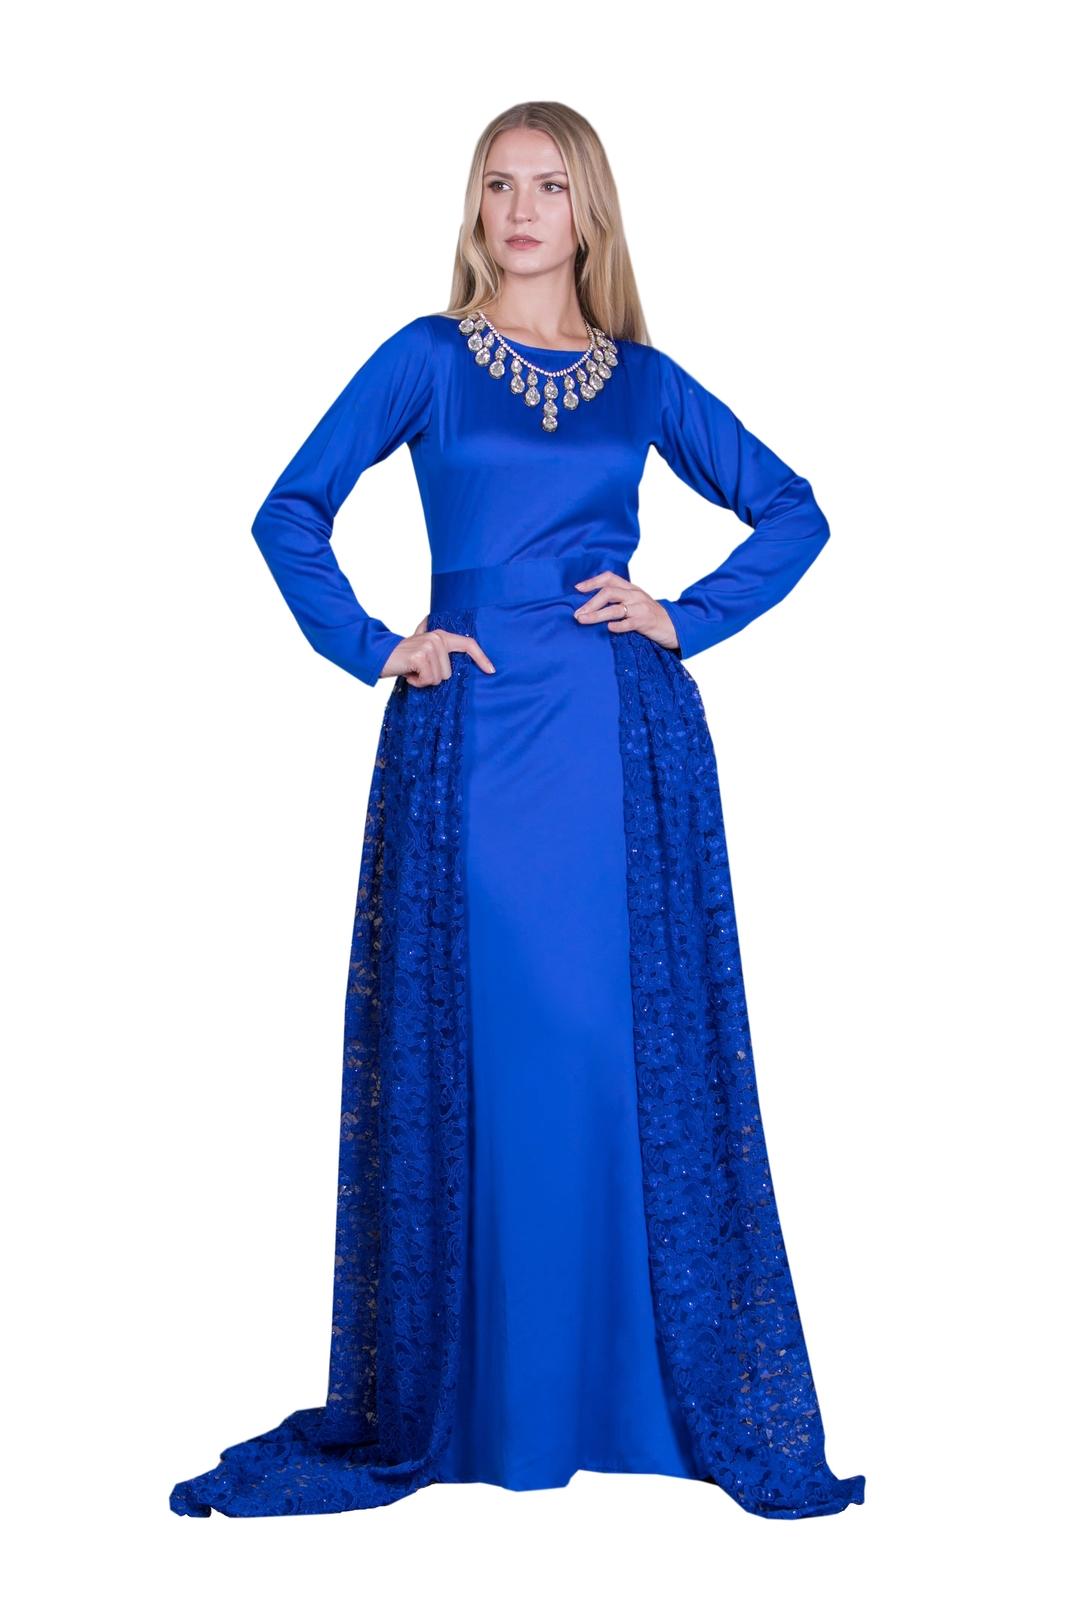 ab7adaac0 نصل إلى الإطلالة الثالثة والتي تتّسم بالإثارة والجاذبية مع : فستان سهرة  طويل باللون الأسود من مجموعة بينك سولت